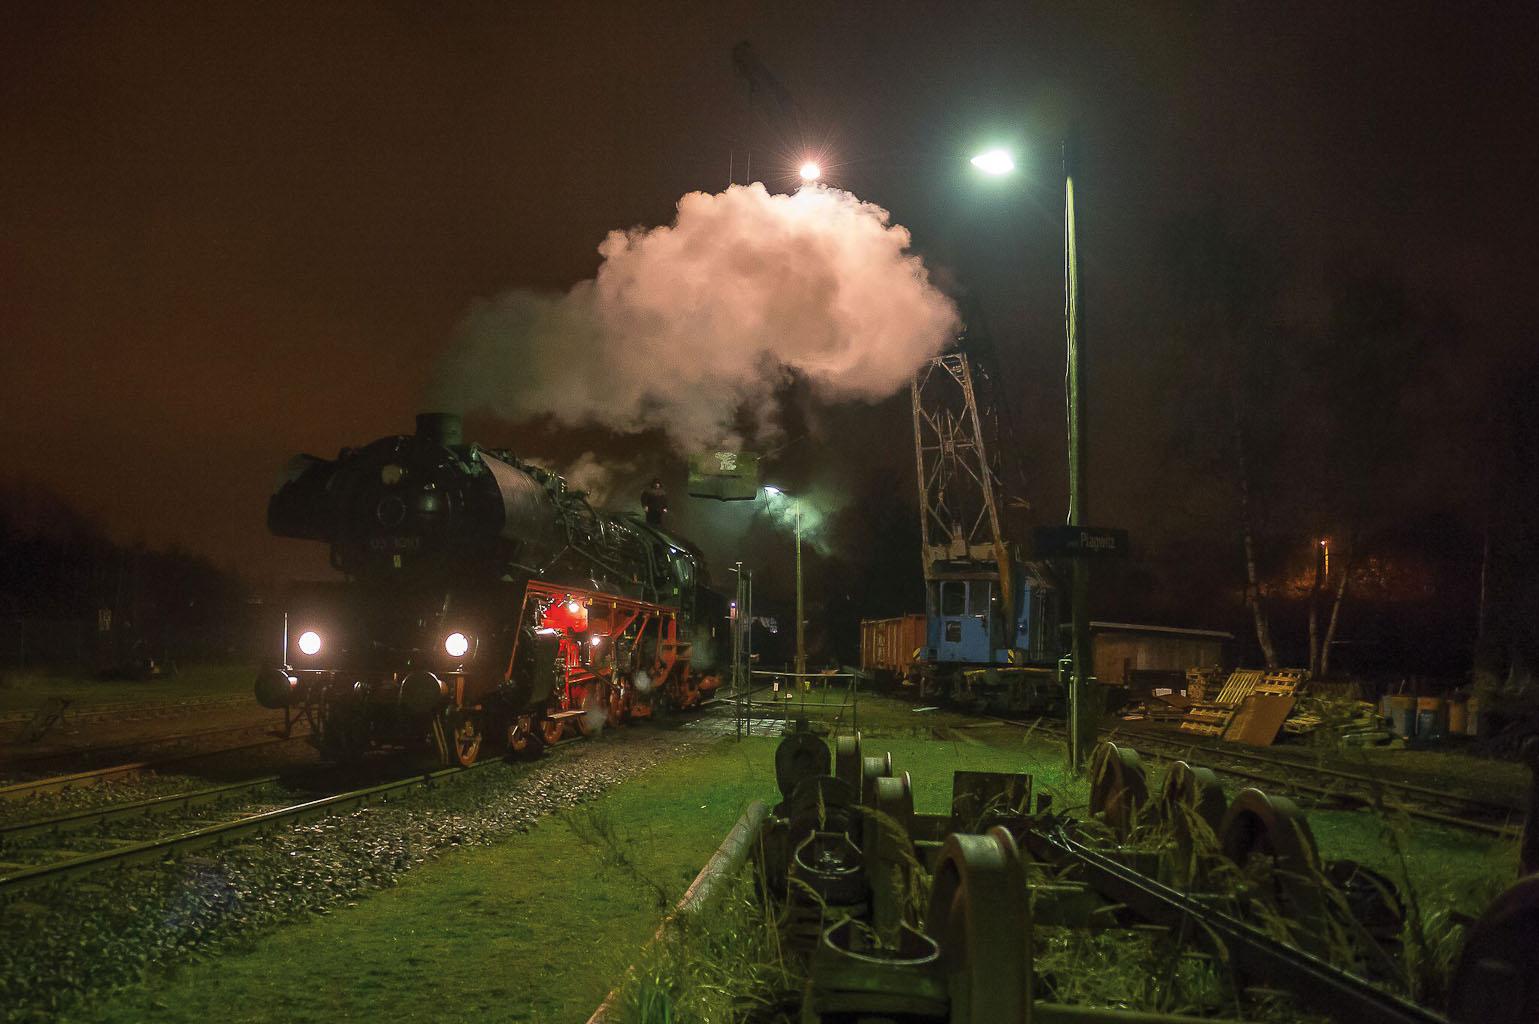 ©Foto: Konstantin Kirsch   railmen   Faszinierendes Spektakel aus Dampf und Licht – Die Eiserne 031010 in Leipzig-Plagwitz bei Nacht